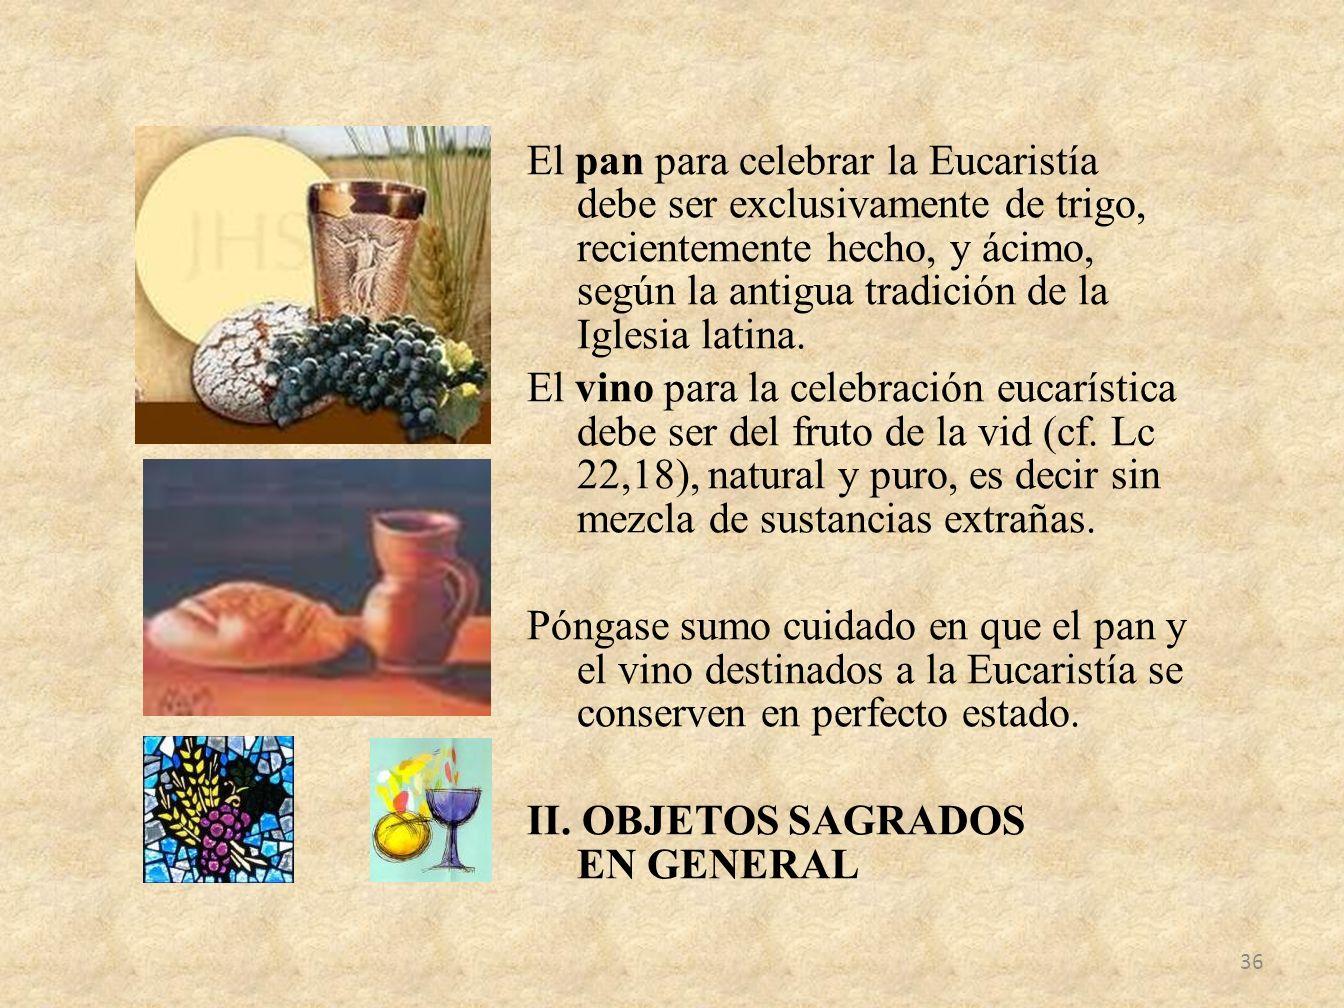 El pan para celebrar la Eucaristía debe ser exclusivamente de trigo, recientemente hecho, y ácimo, según la antigua tradición de la Iglesia latina.